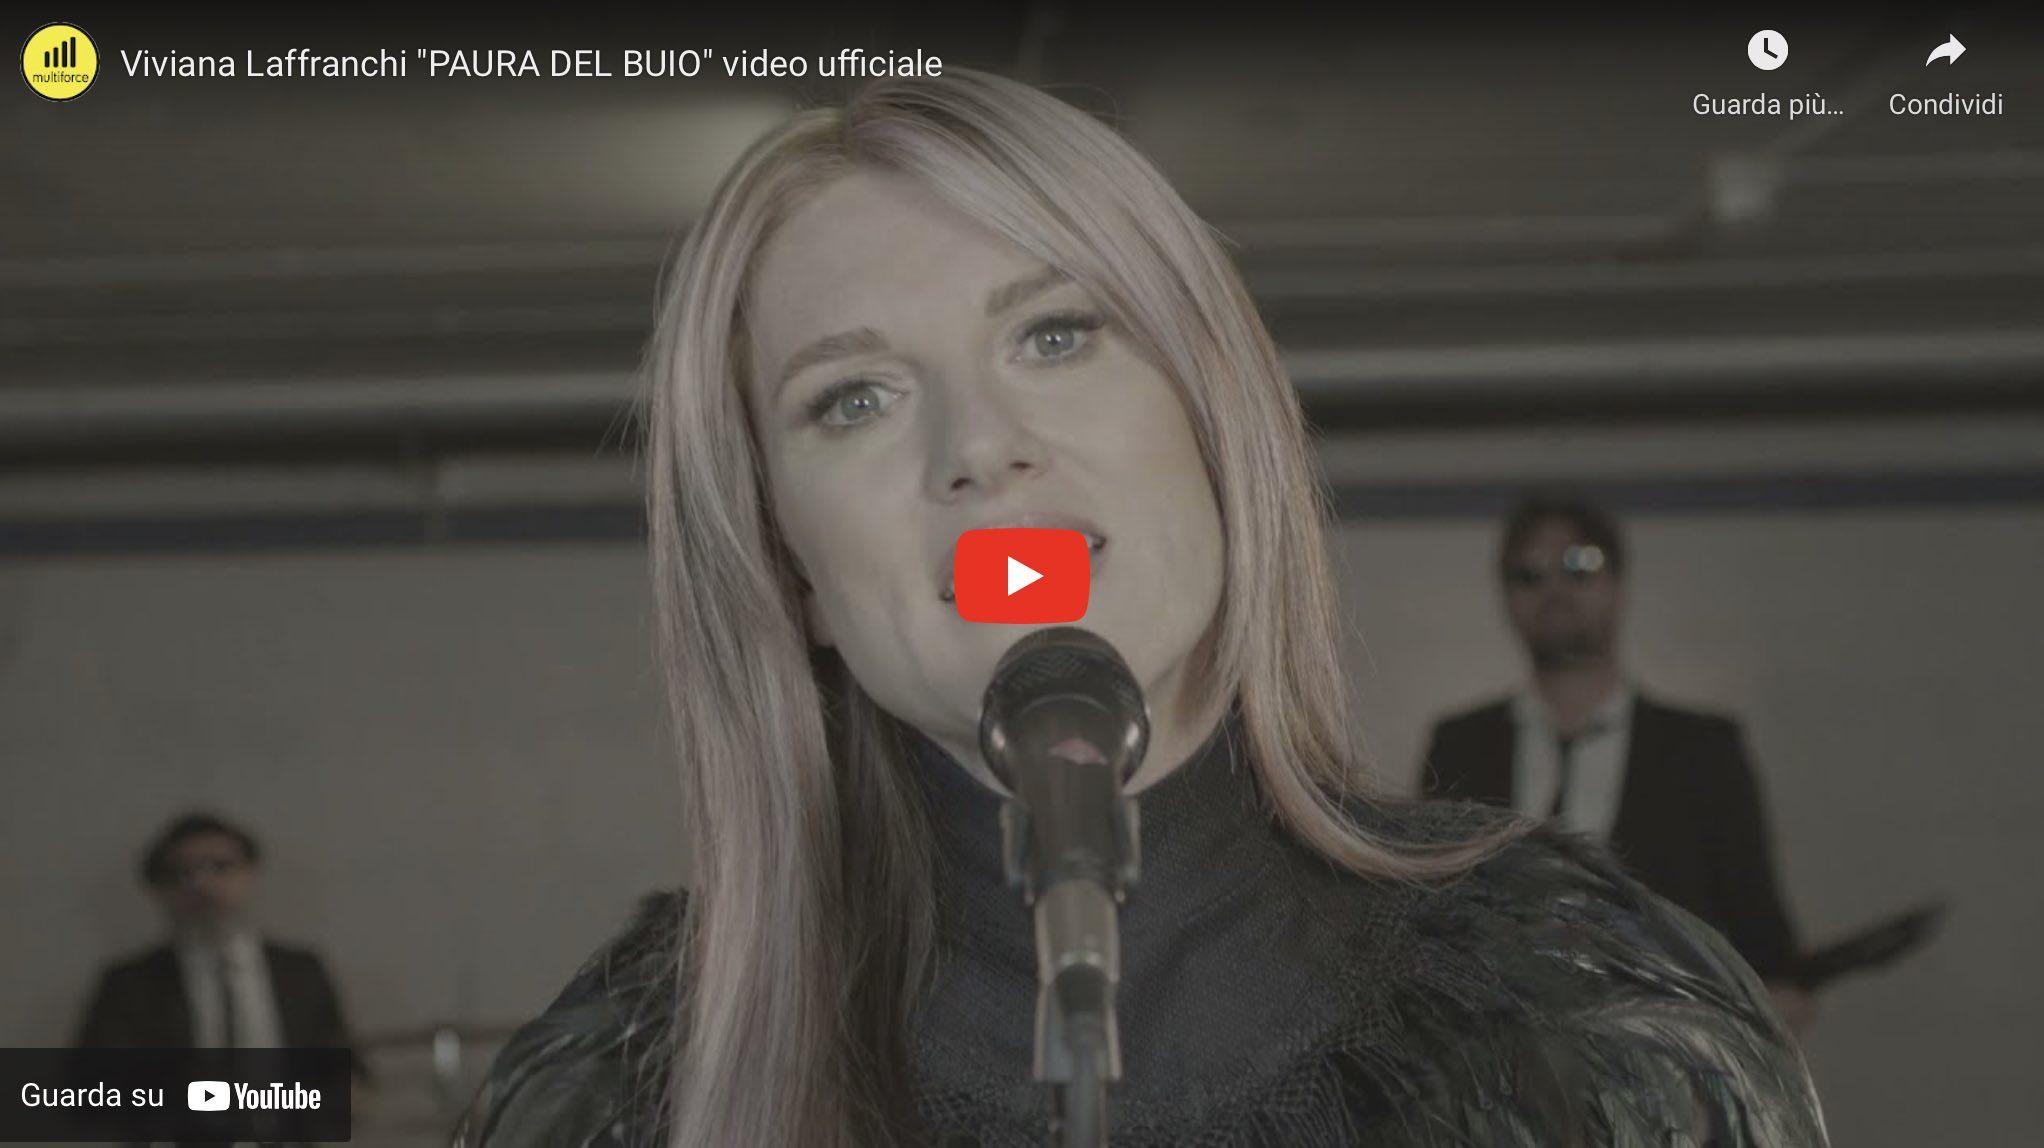 Viviana Laffranchi paura del buio video